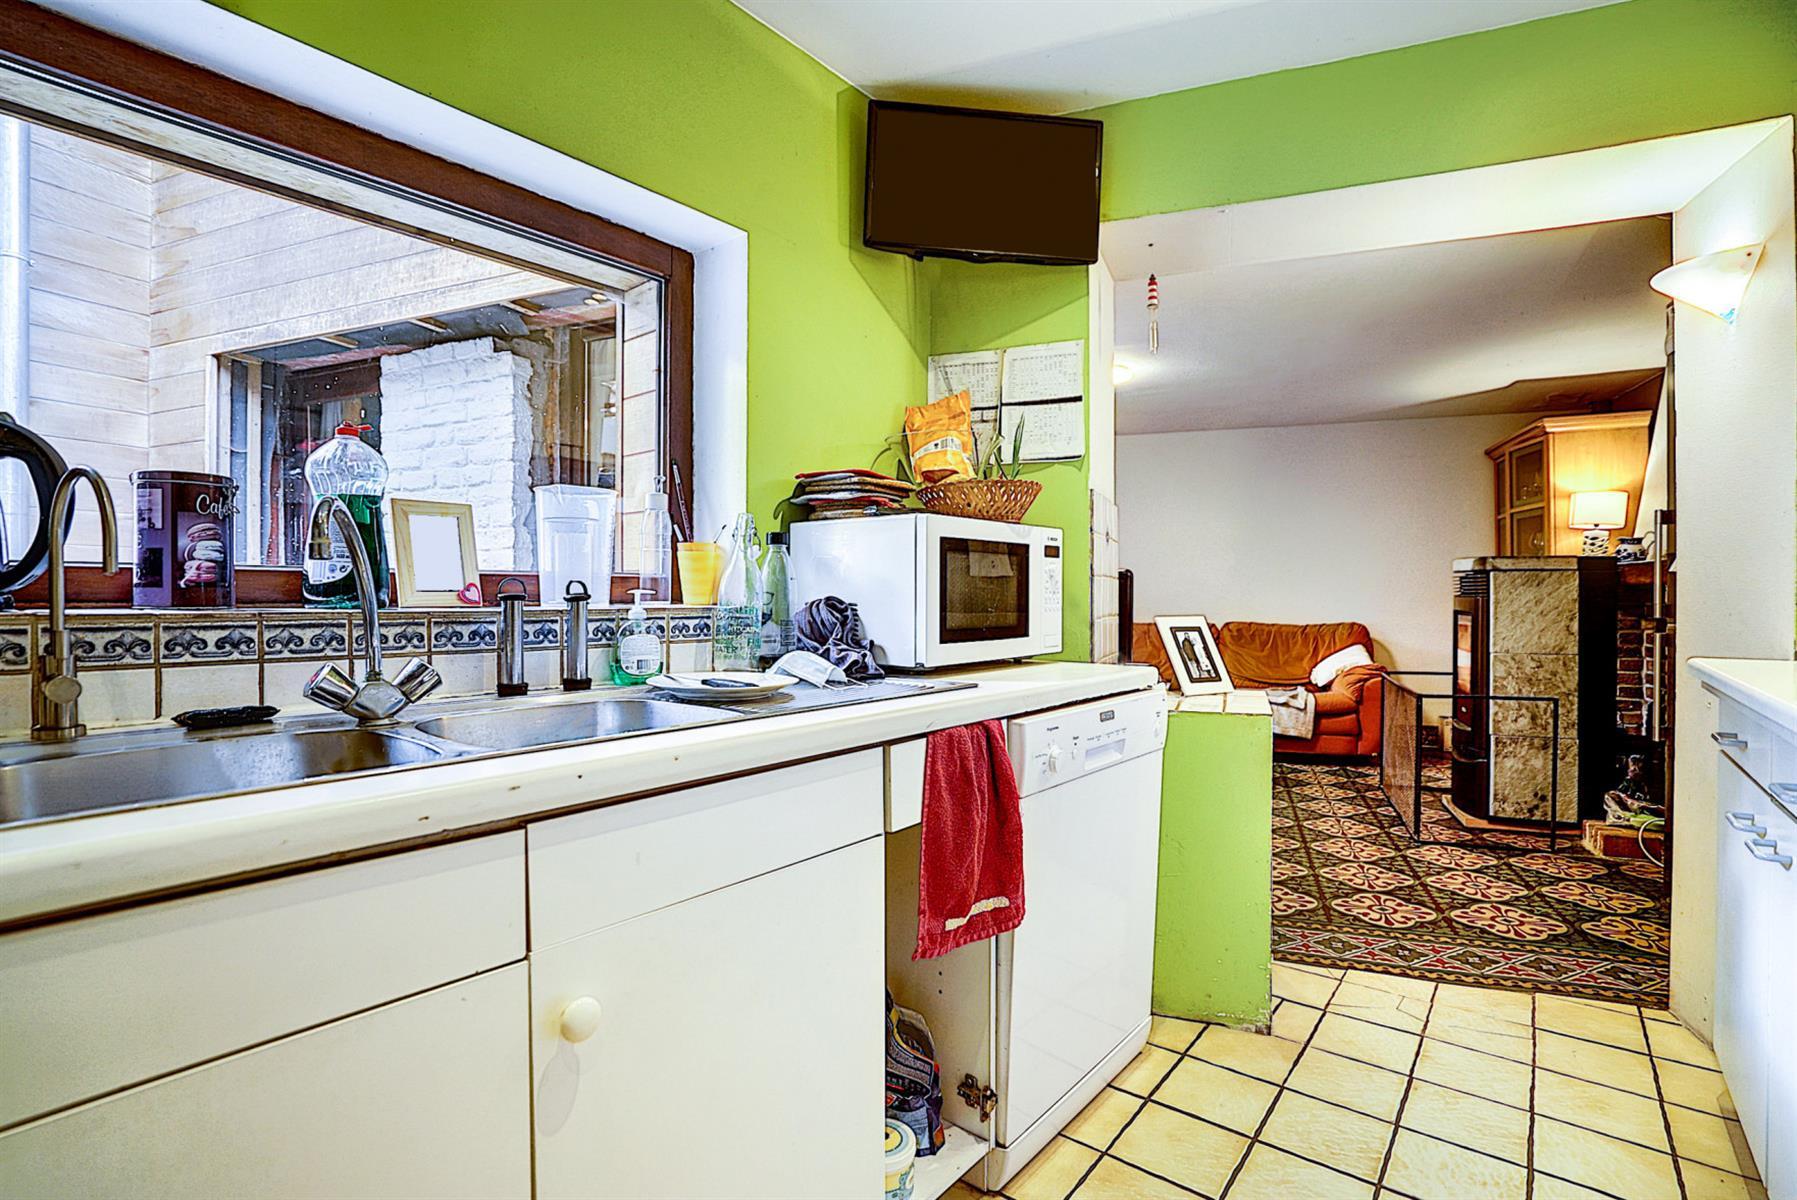 Maison - Grez-doiceau - #4288796-4